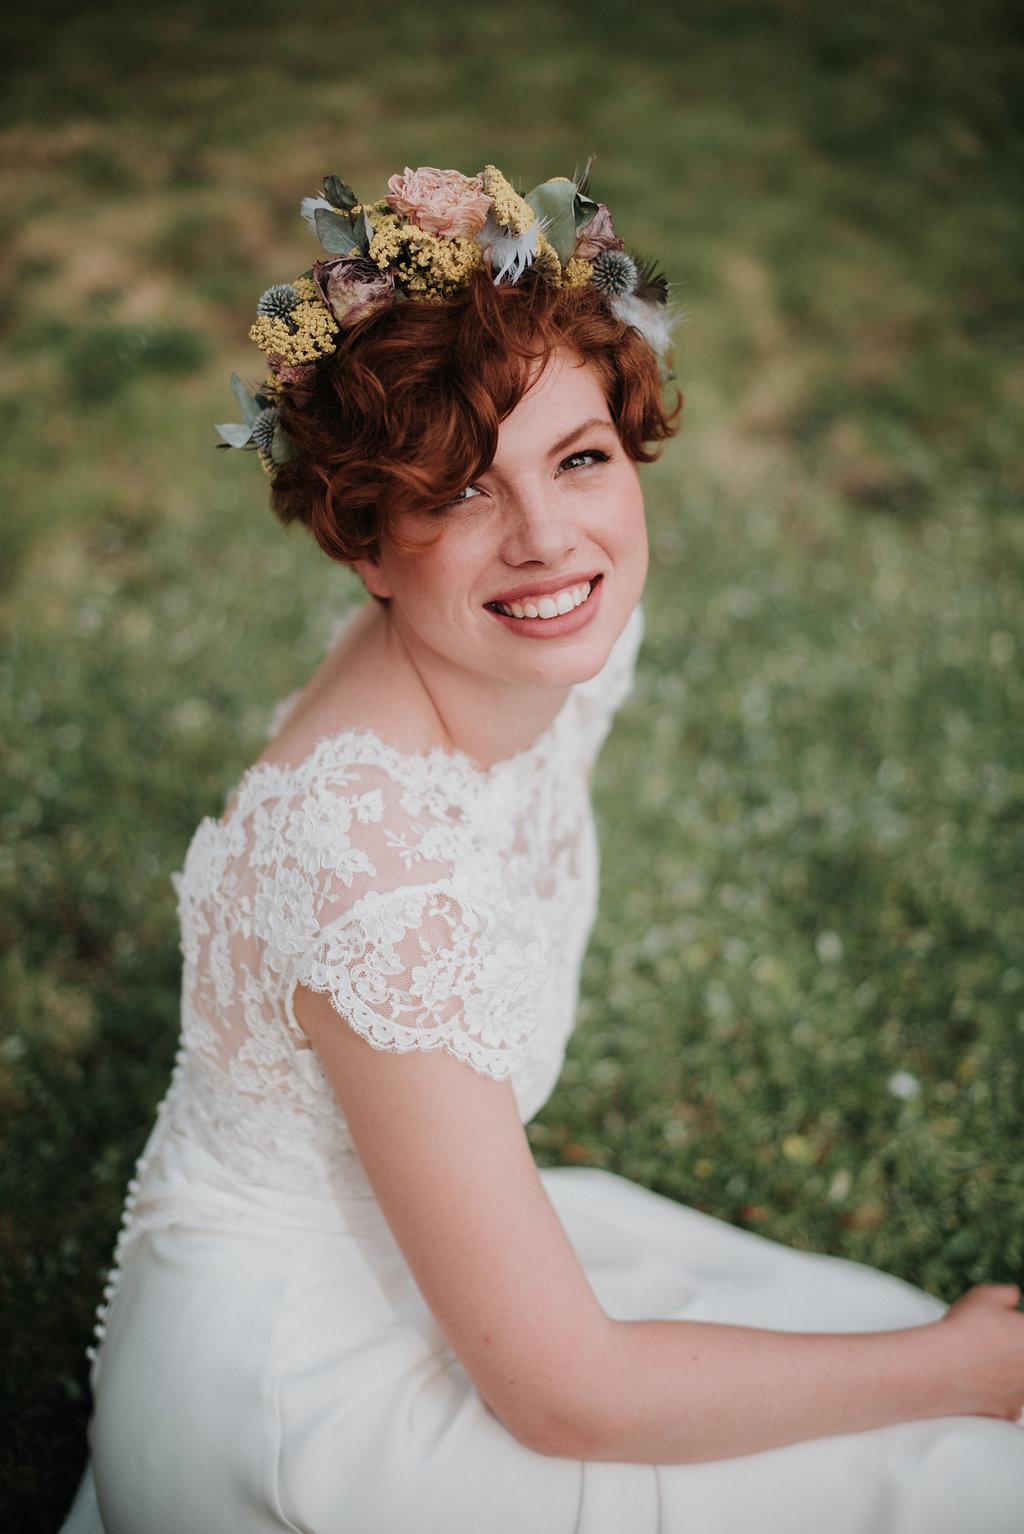 Léa-Fery-photographe-professionnel-lyon-rhone-alpes-portrait-creation-mariage-evenement-evenementiel-famille-7745.jpg